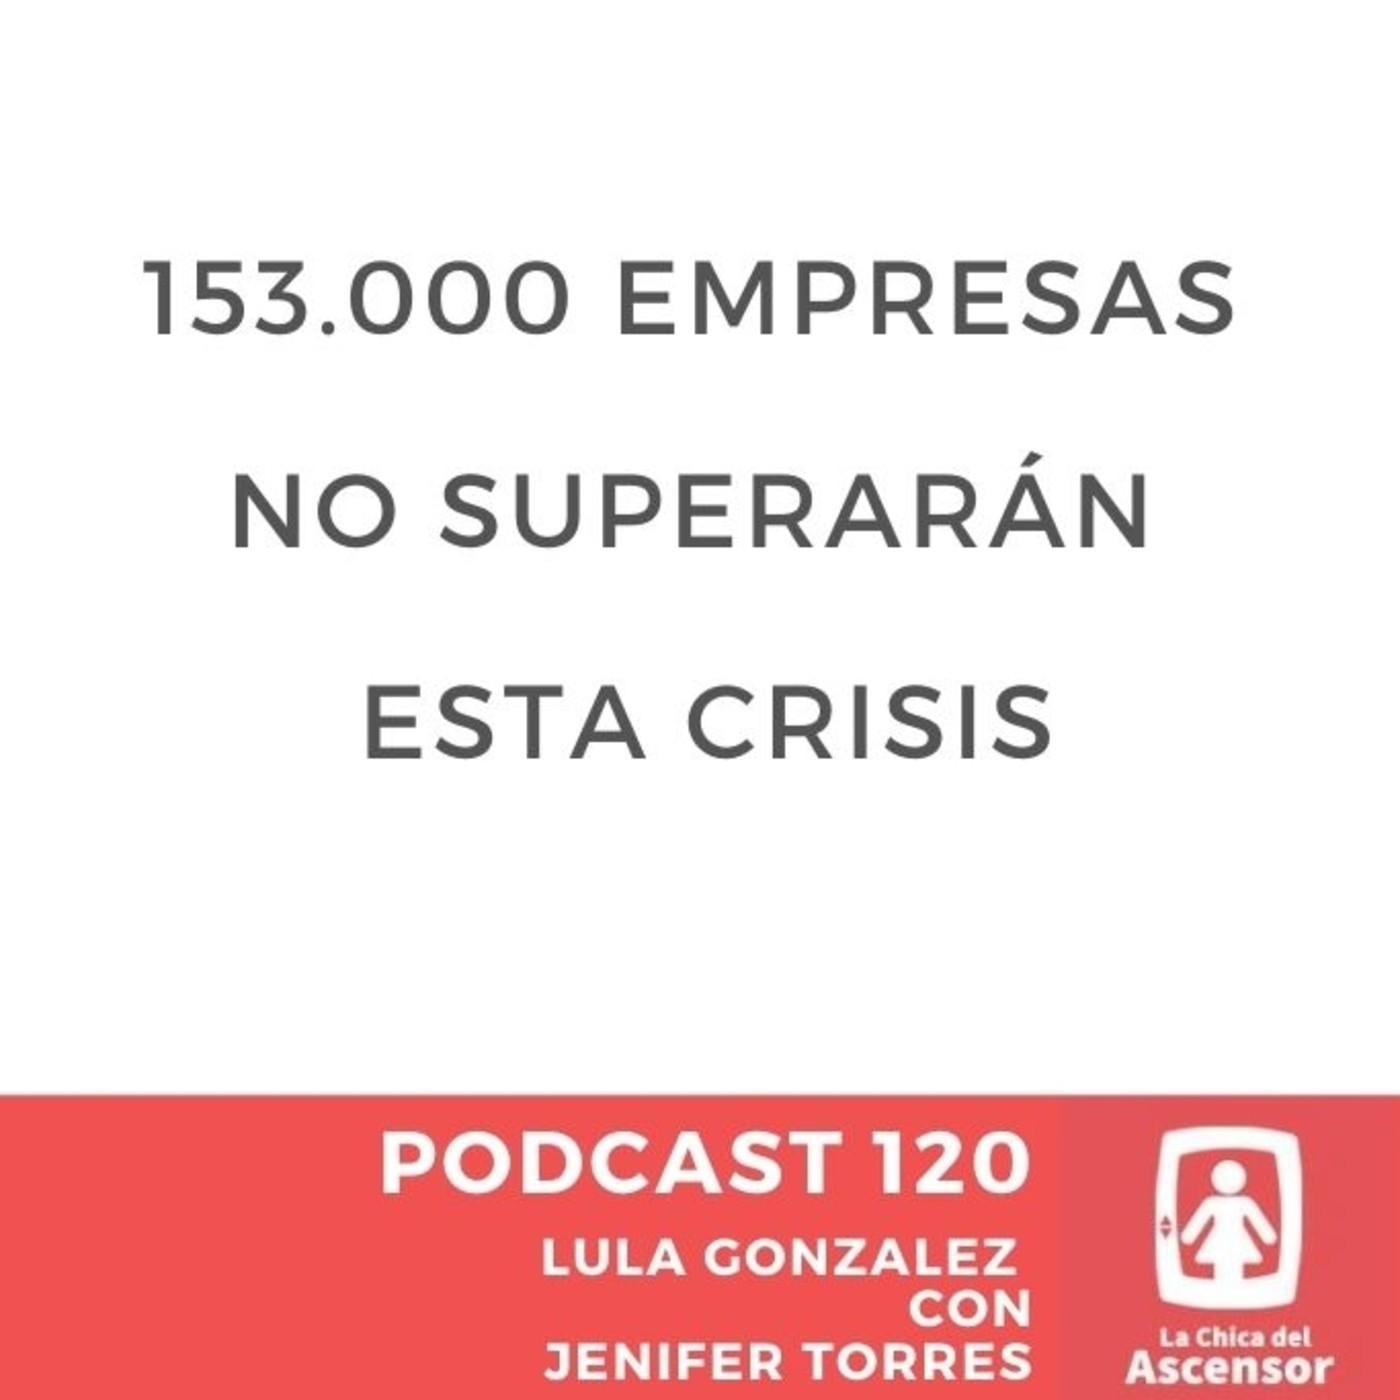 120 - Los datos: 153.000 no superarán esta crisis en España